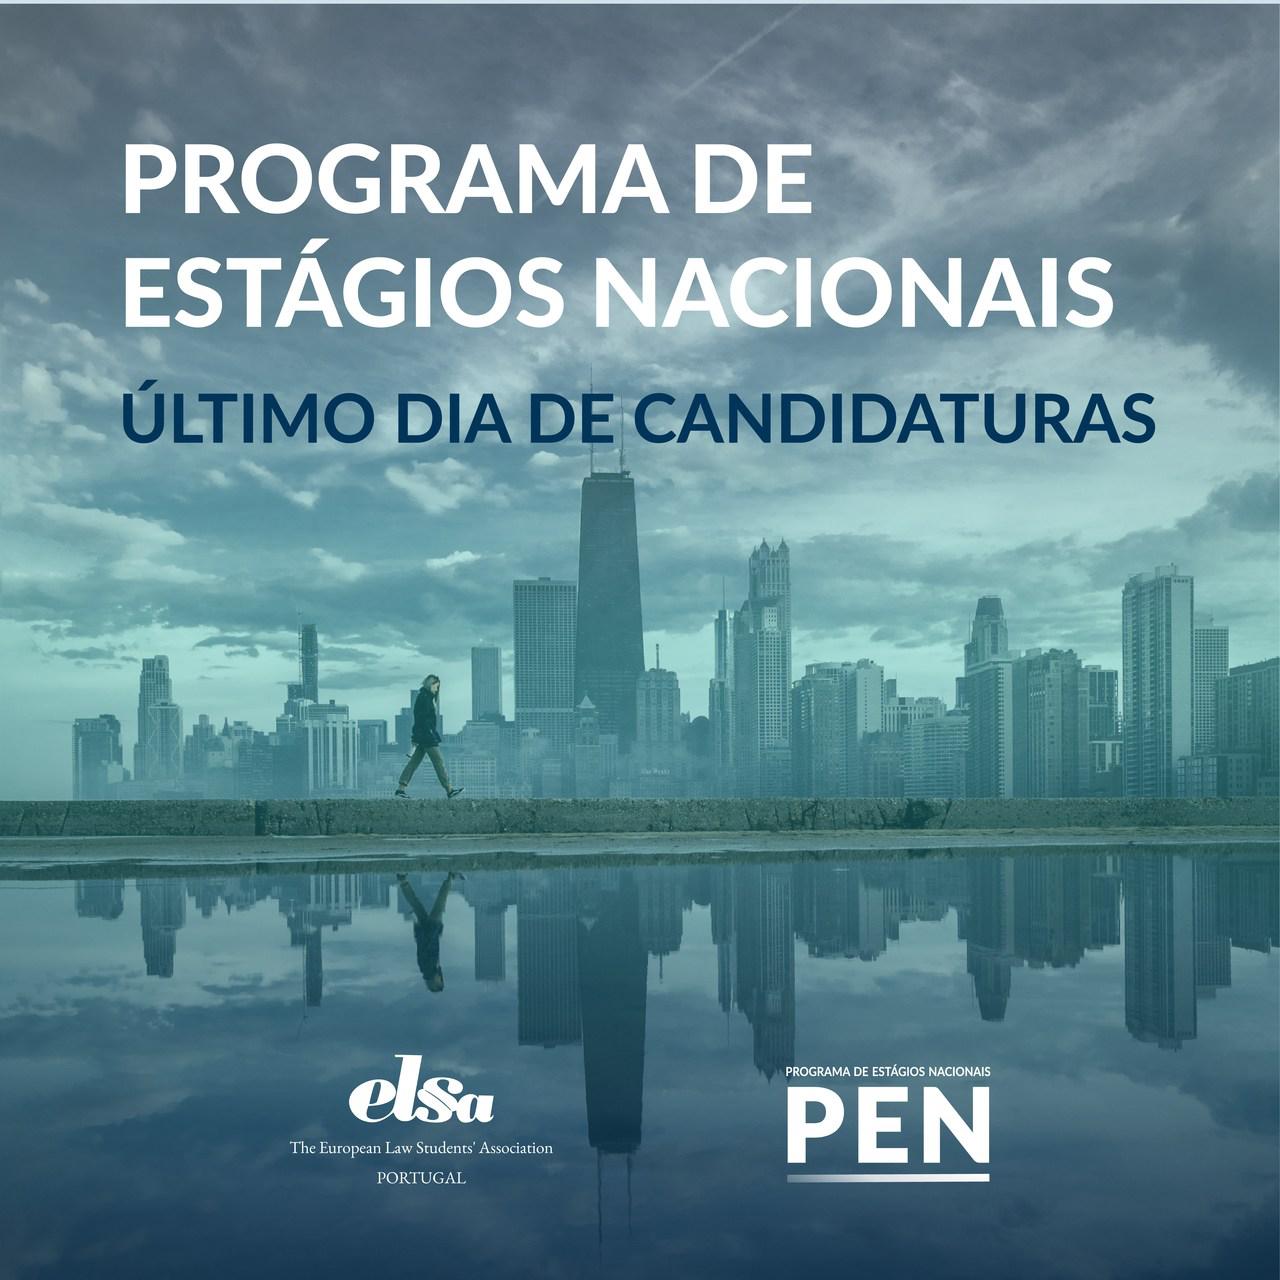 PEN: Último dia de Candidaturas